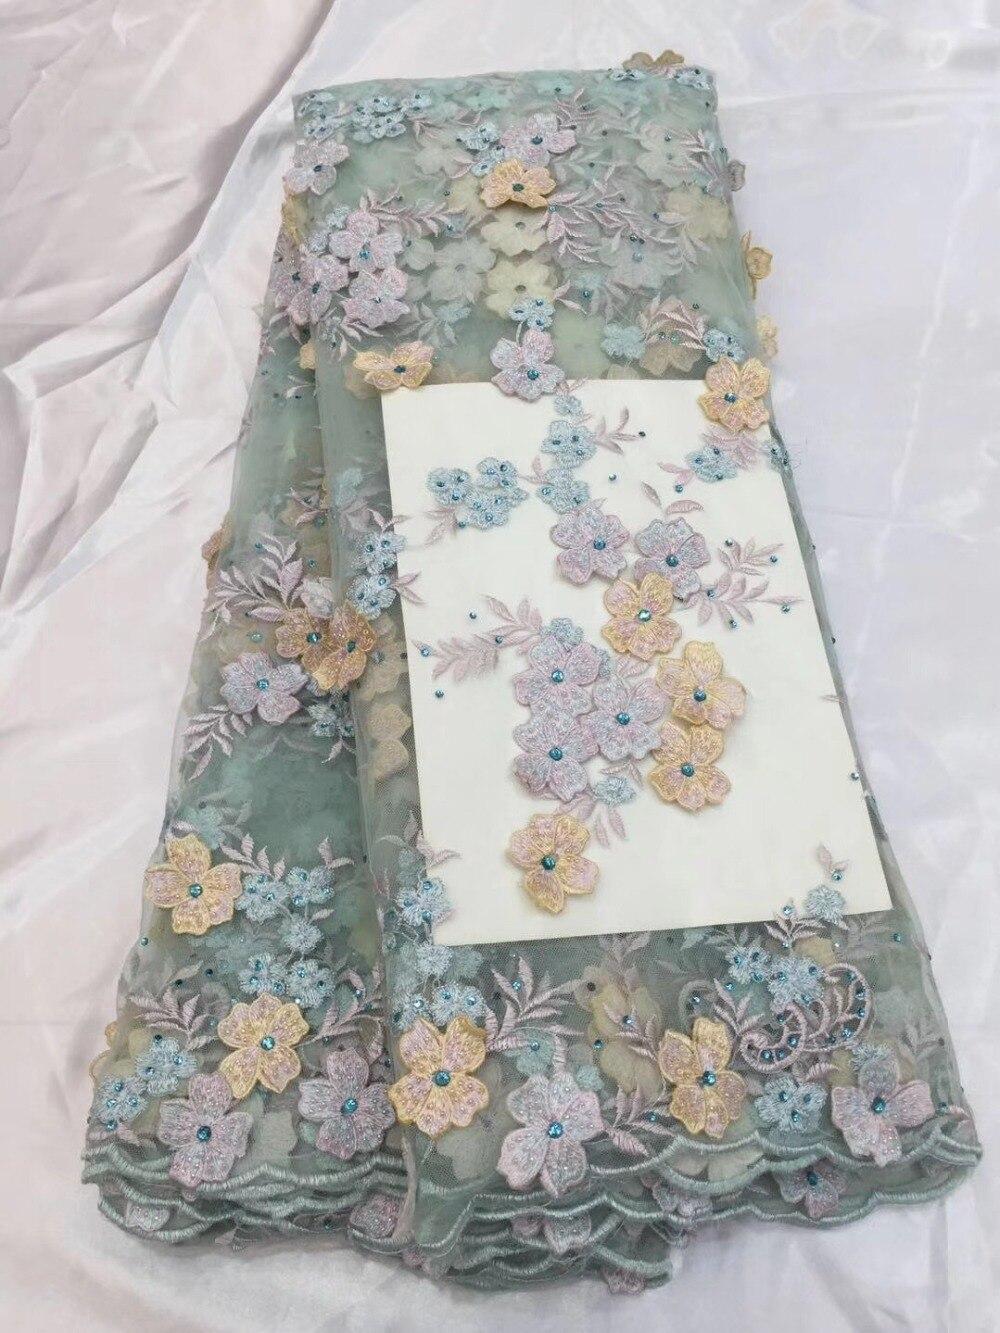 Dentelle française de mariée tissu perlé africain tulle dentelle tissu gland dentelle avec des pierres 5 yards par lot net dentelle tissu pour robe.